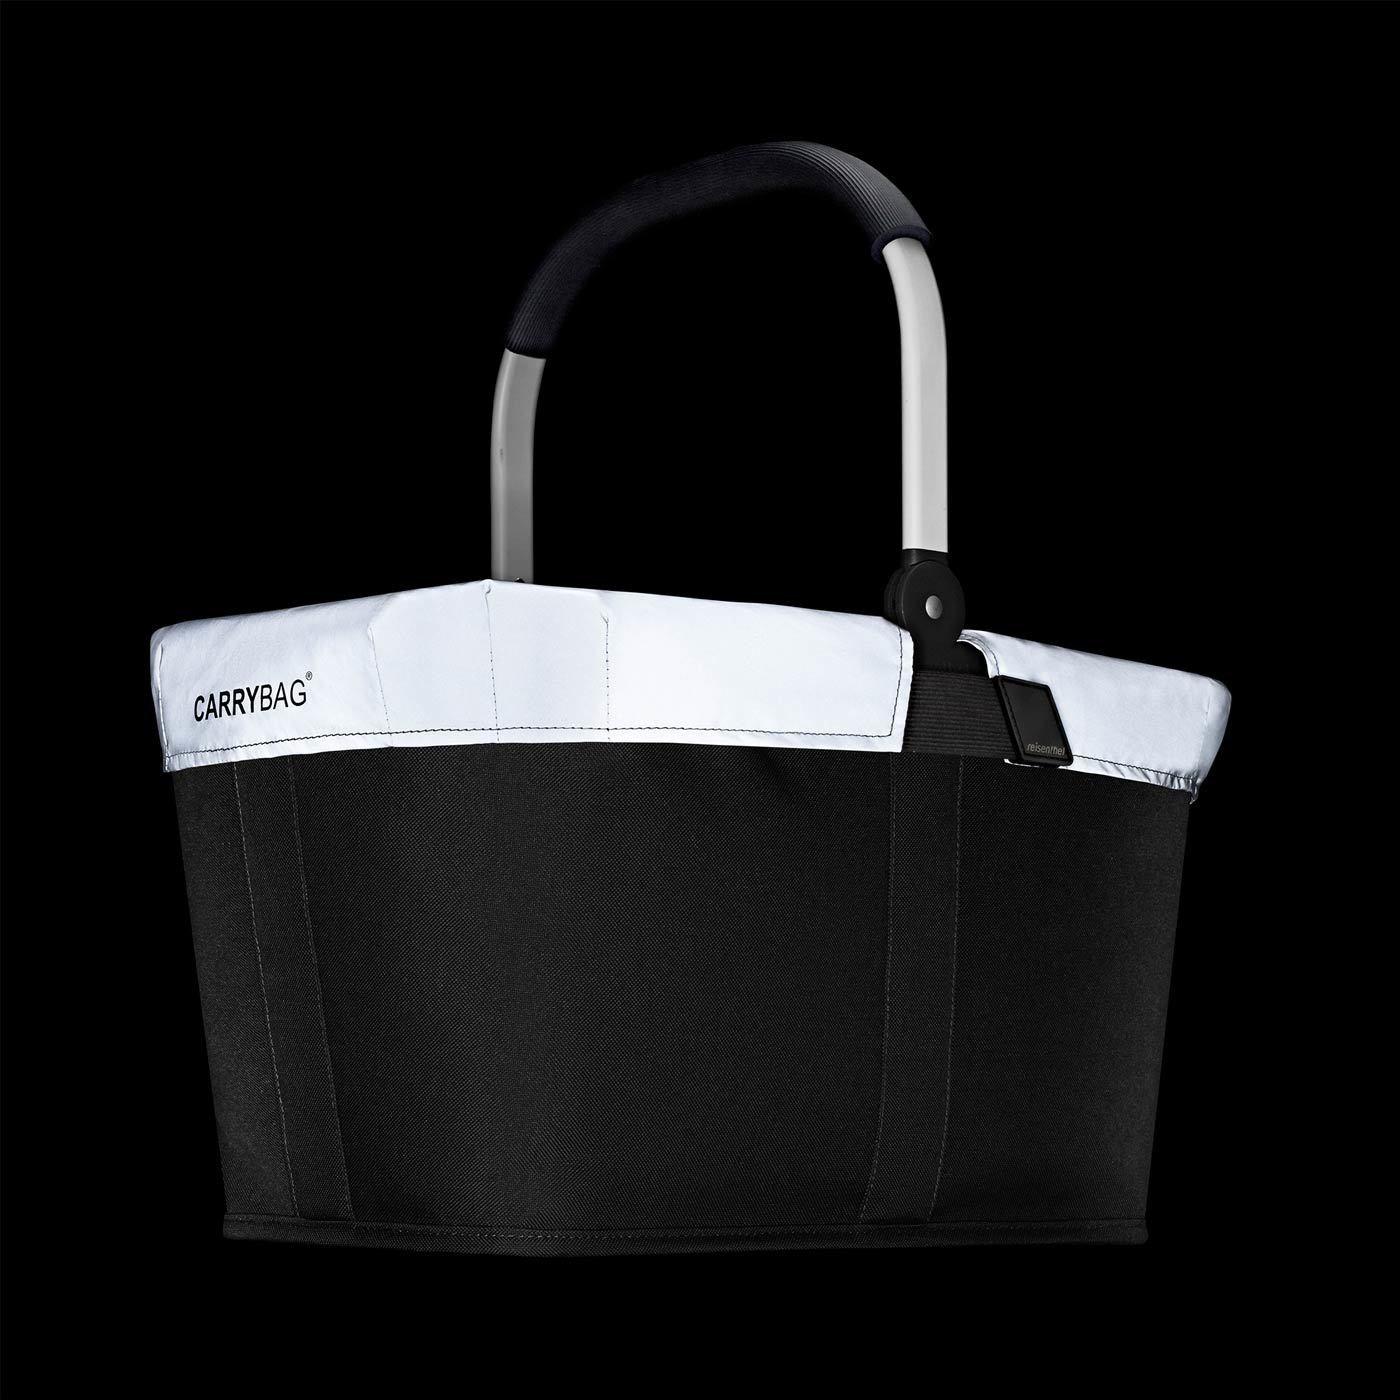 Kryt koše Carrybag reflective_0